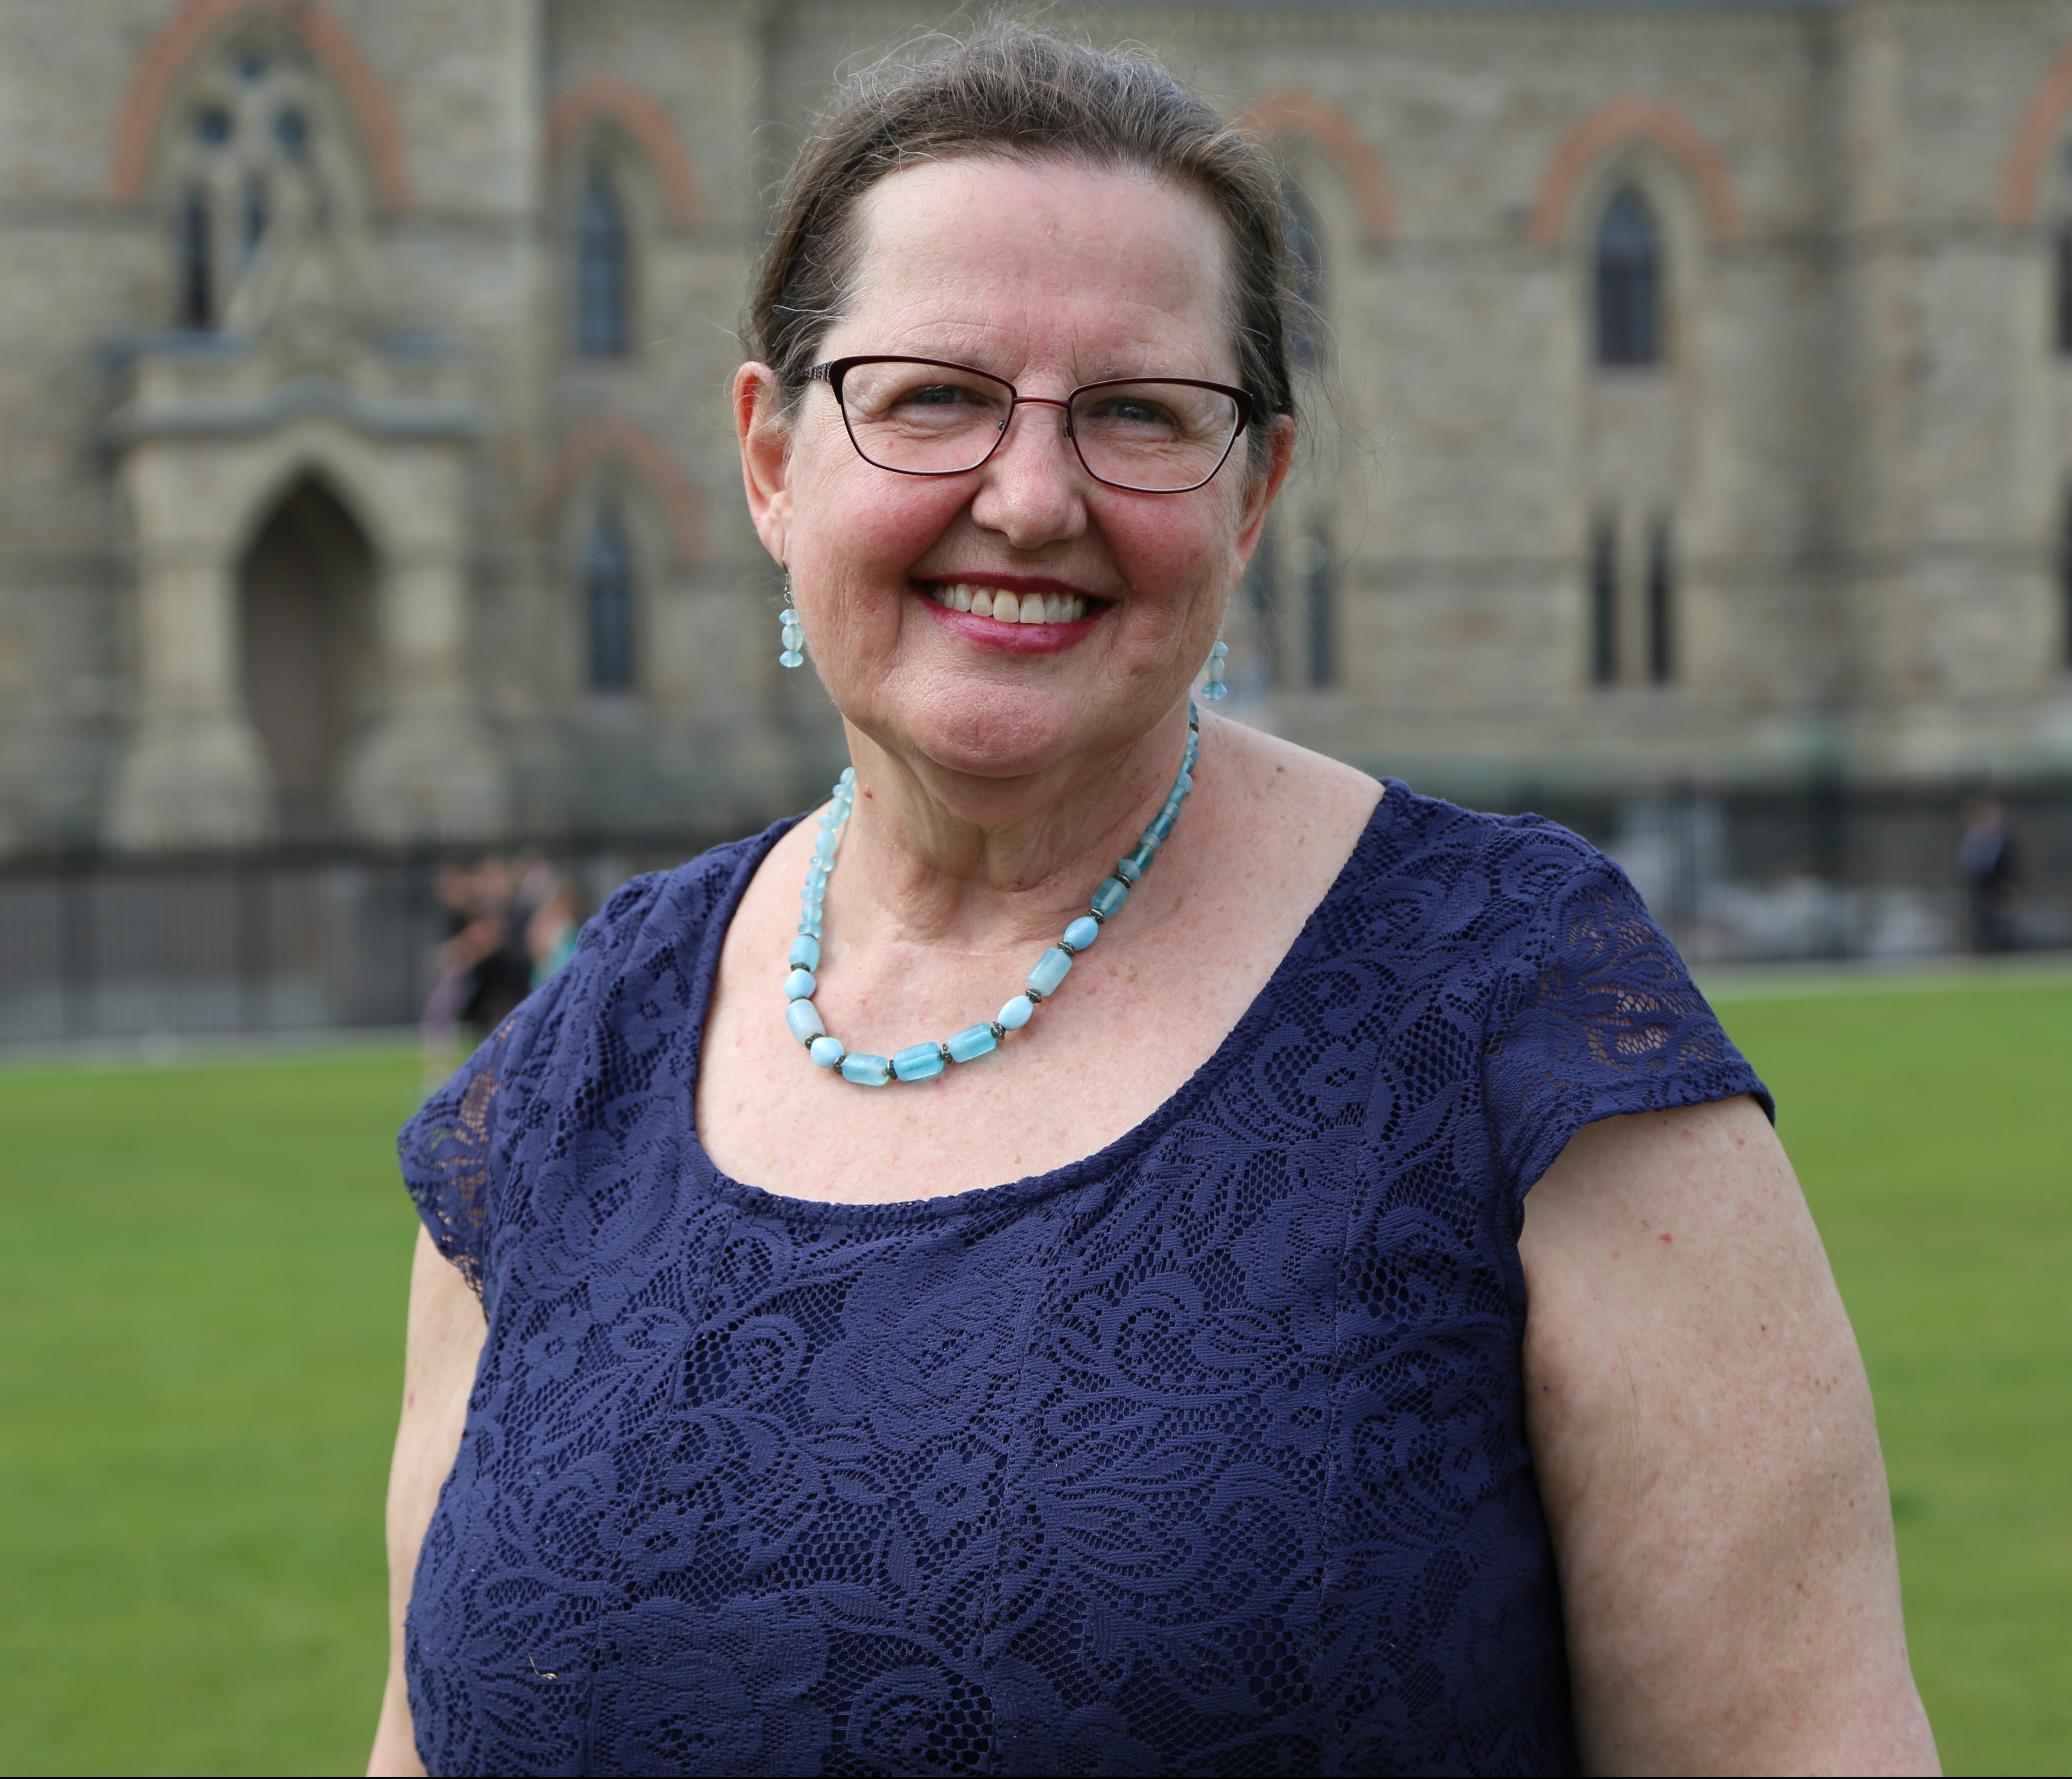 Susan Imbrock